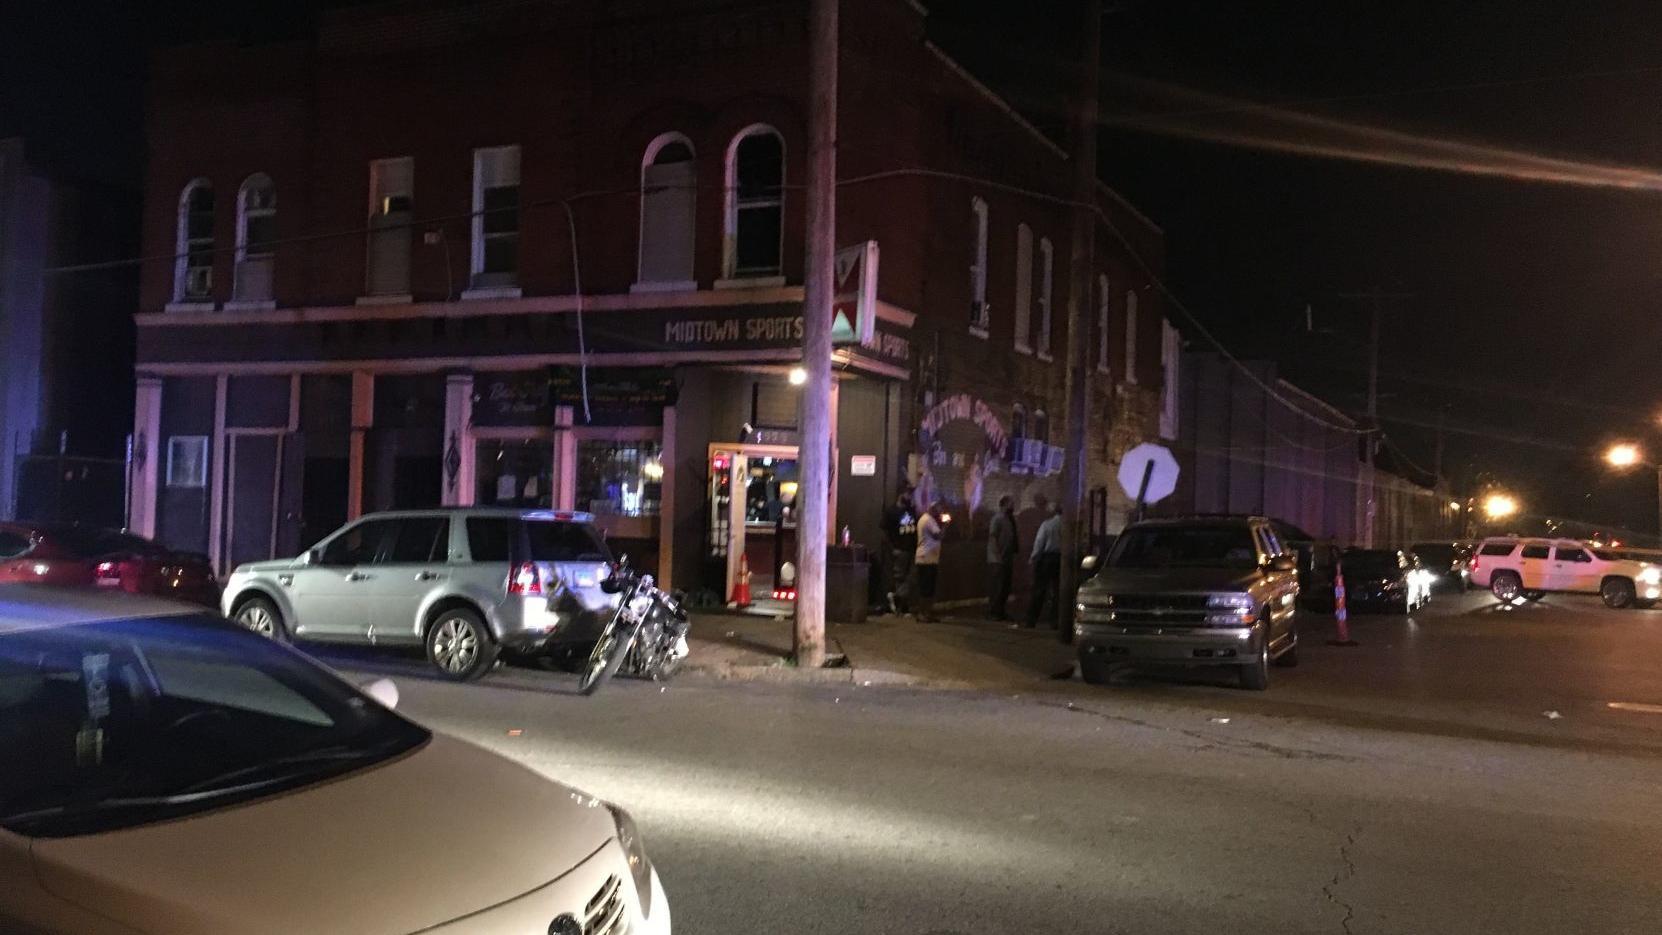 Three people shot at sports bar in Jeff Vanderlou neighborhood